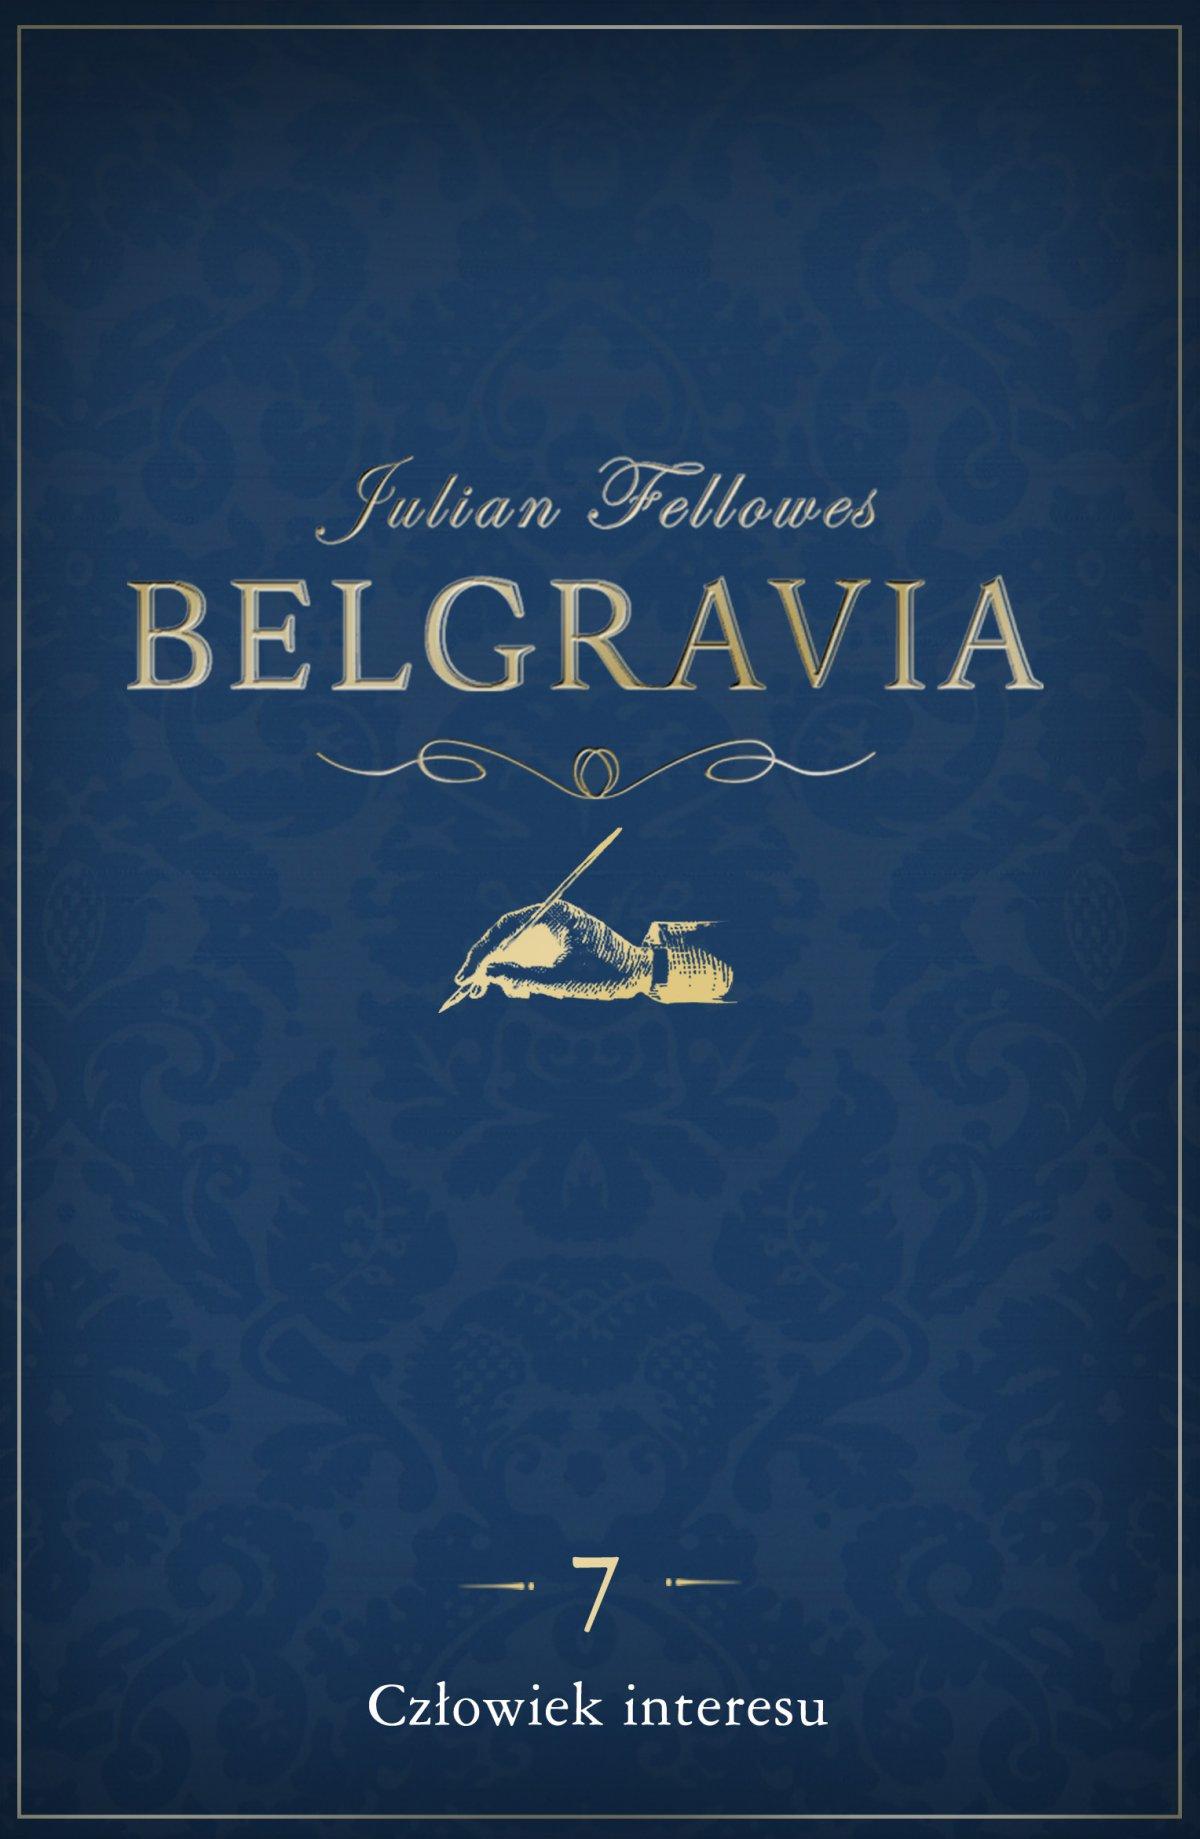 Belgravia Człowiek interesu. Odcinek 7 - Ebook (Książka na Kindle) do pobrania w formacie MOBI